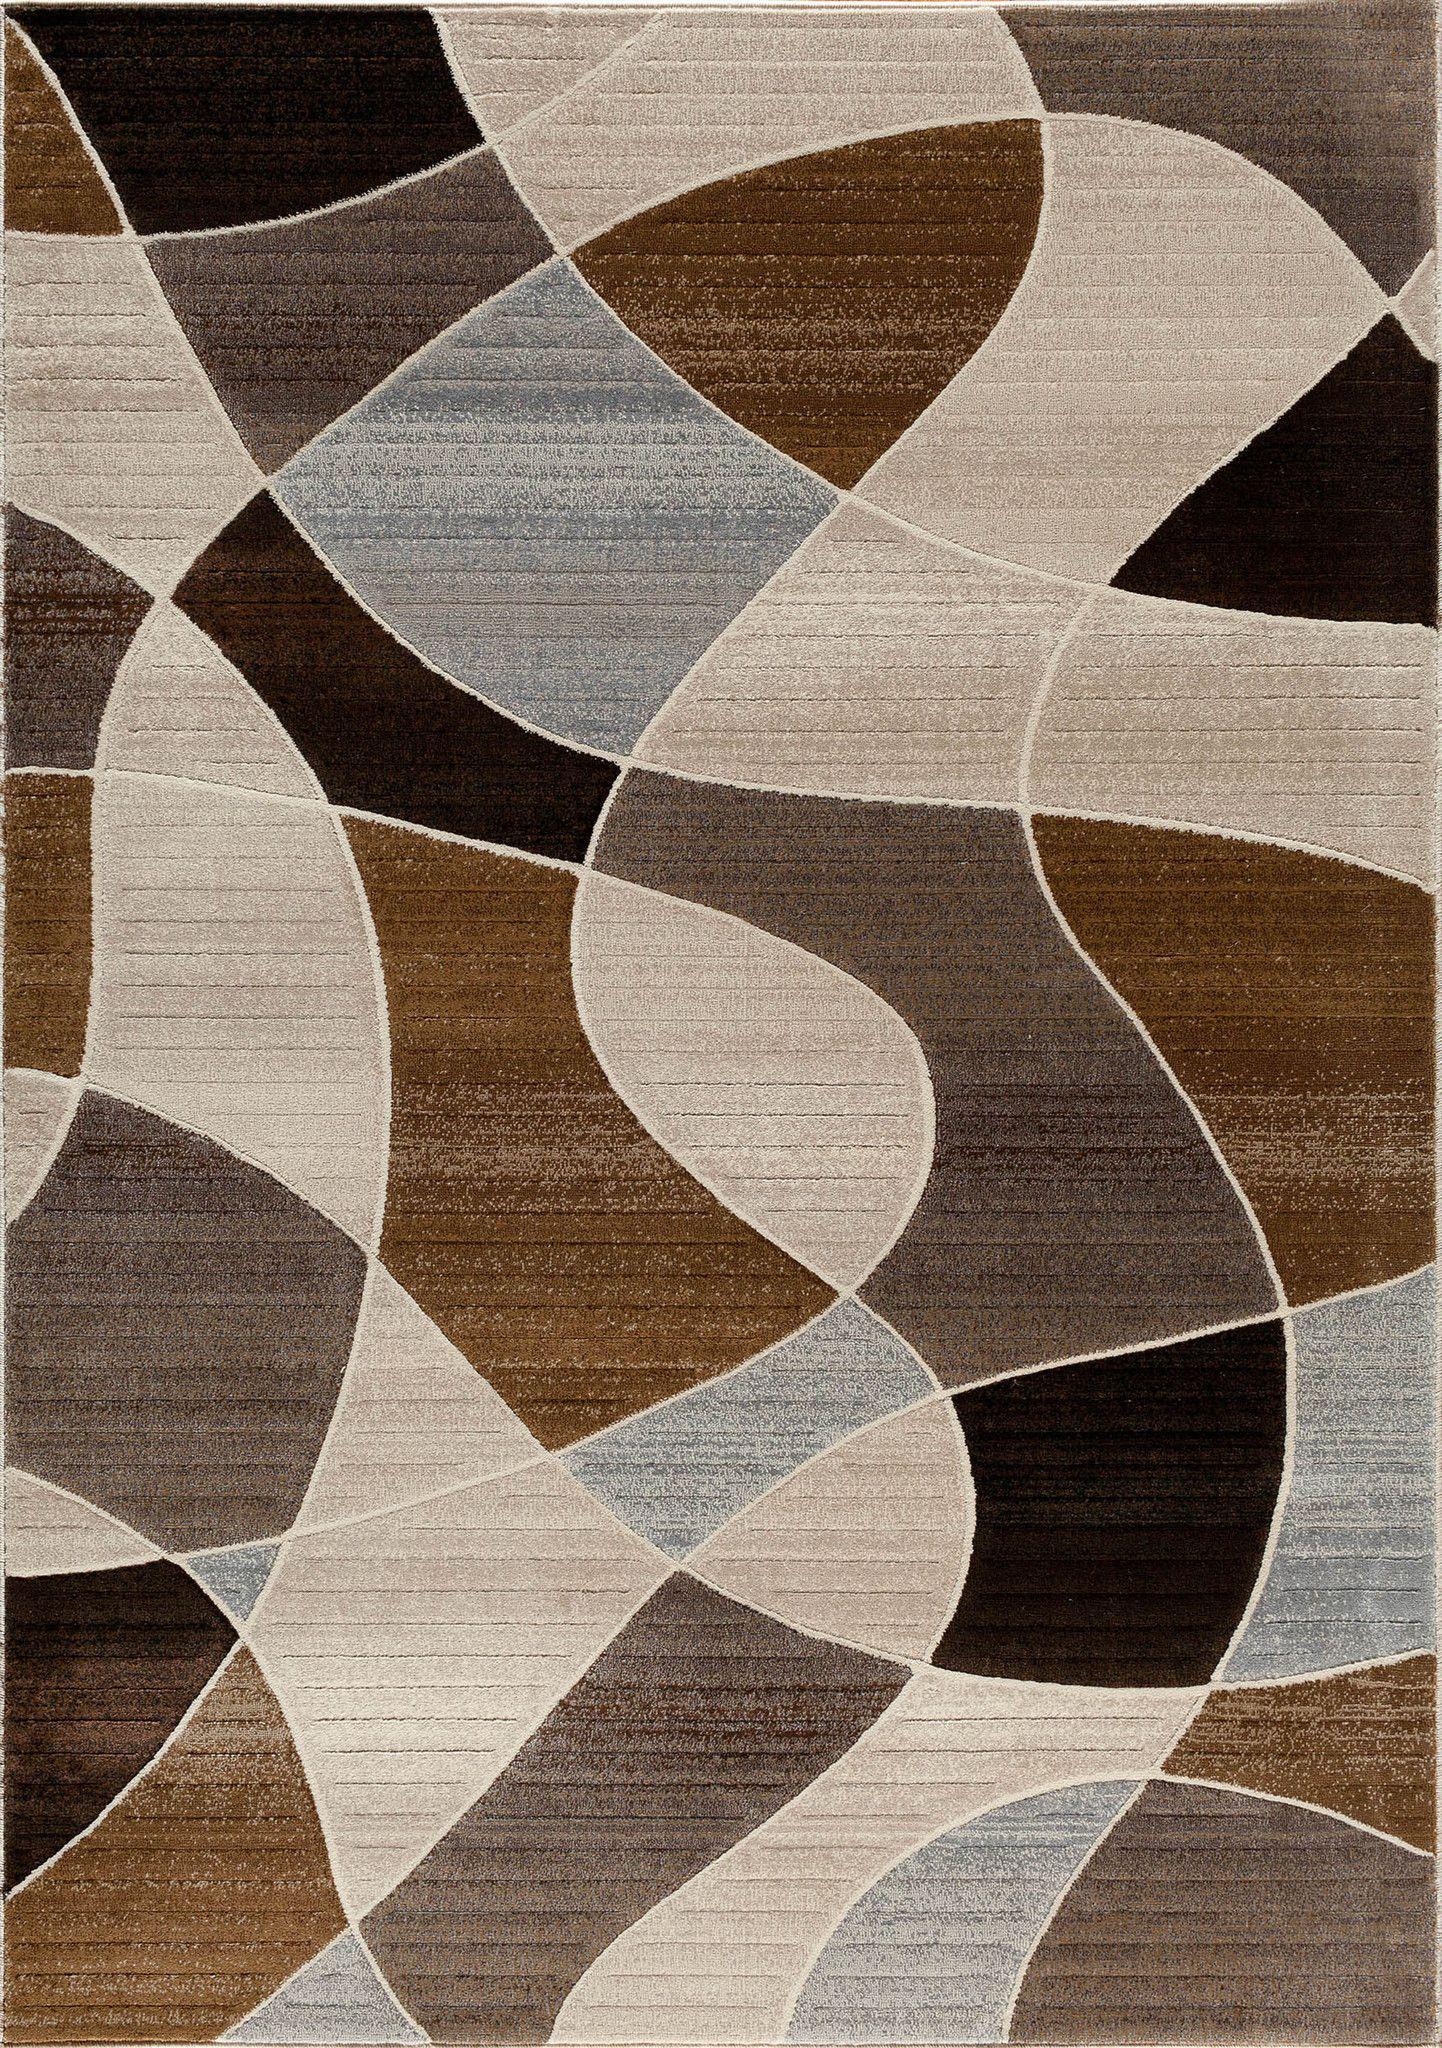 Providence Terrain 060 9222mi 060 Distorted Plaid Multi Rug Geometric Rug Rugs On Carpet Carpet